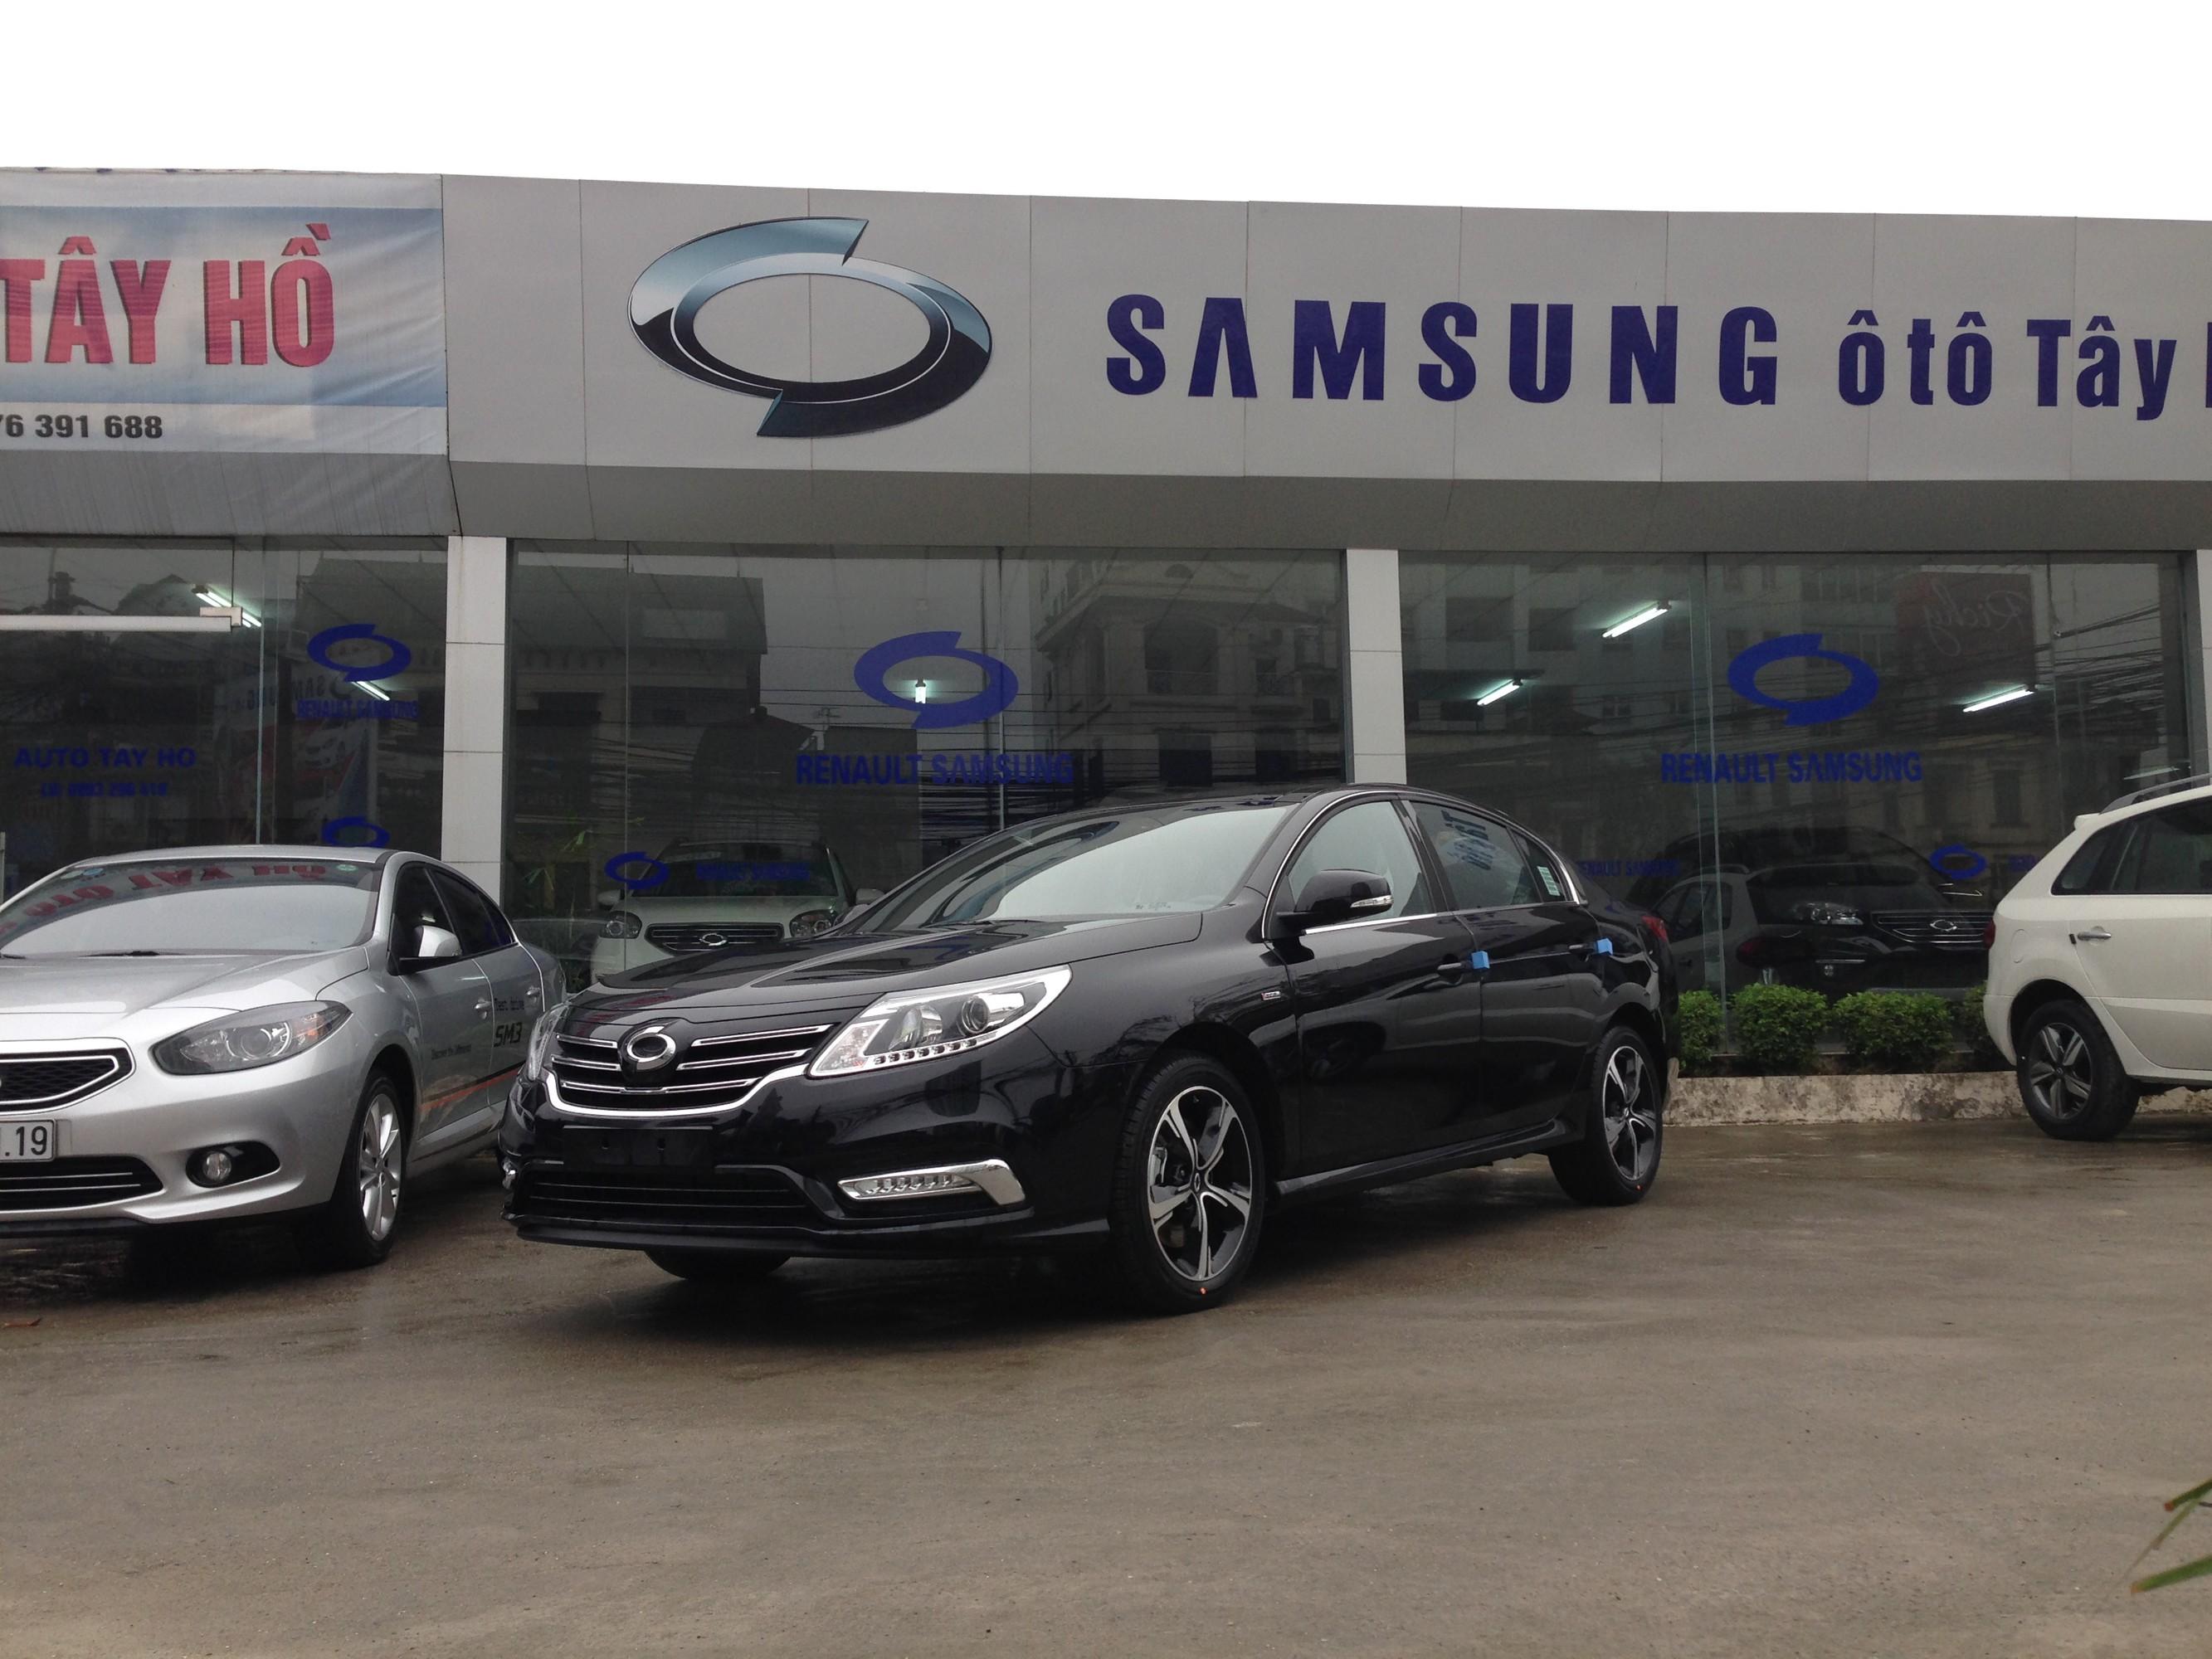 Đại lý Samsung motors việt nam hân hạnh giới thiệu dòng sản phẩm ô tô samsung sm3 sm5 qm5 tại việt nam Ảnh số 37510200